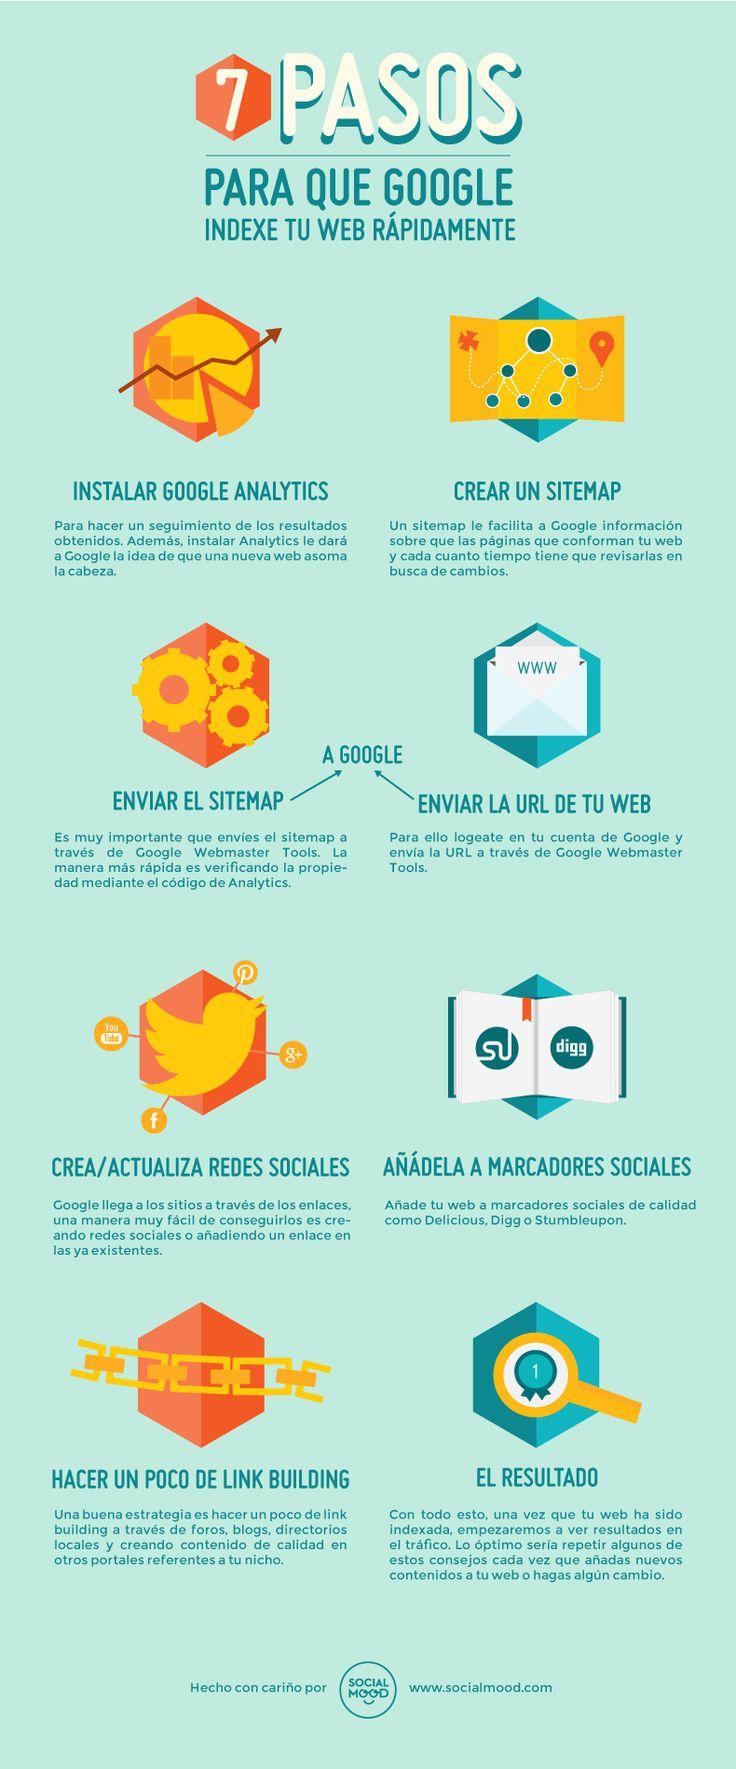 Hola: Una infografía con 7 pasos para que Google indexe más rápido tu web. Un saludo